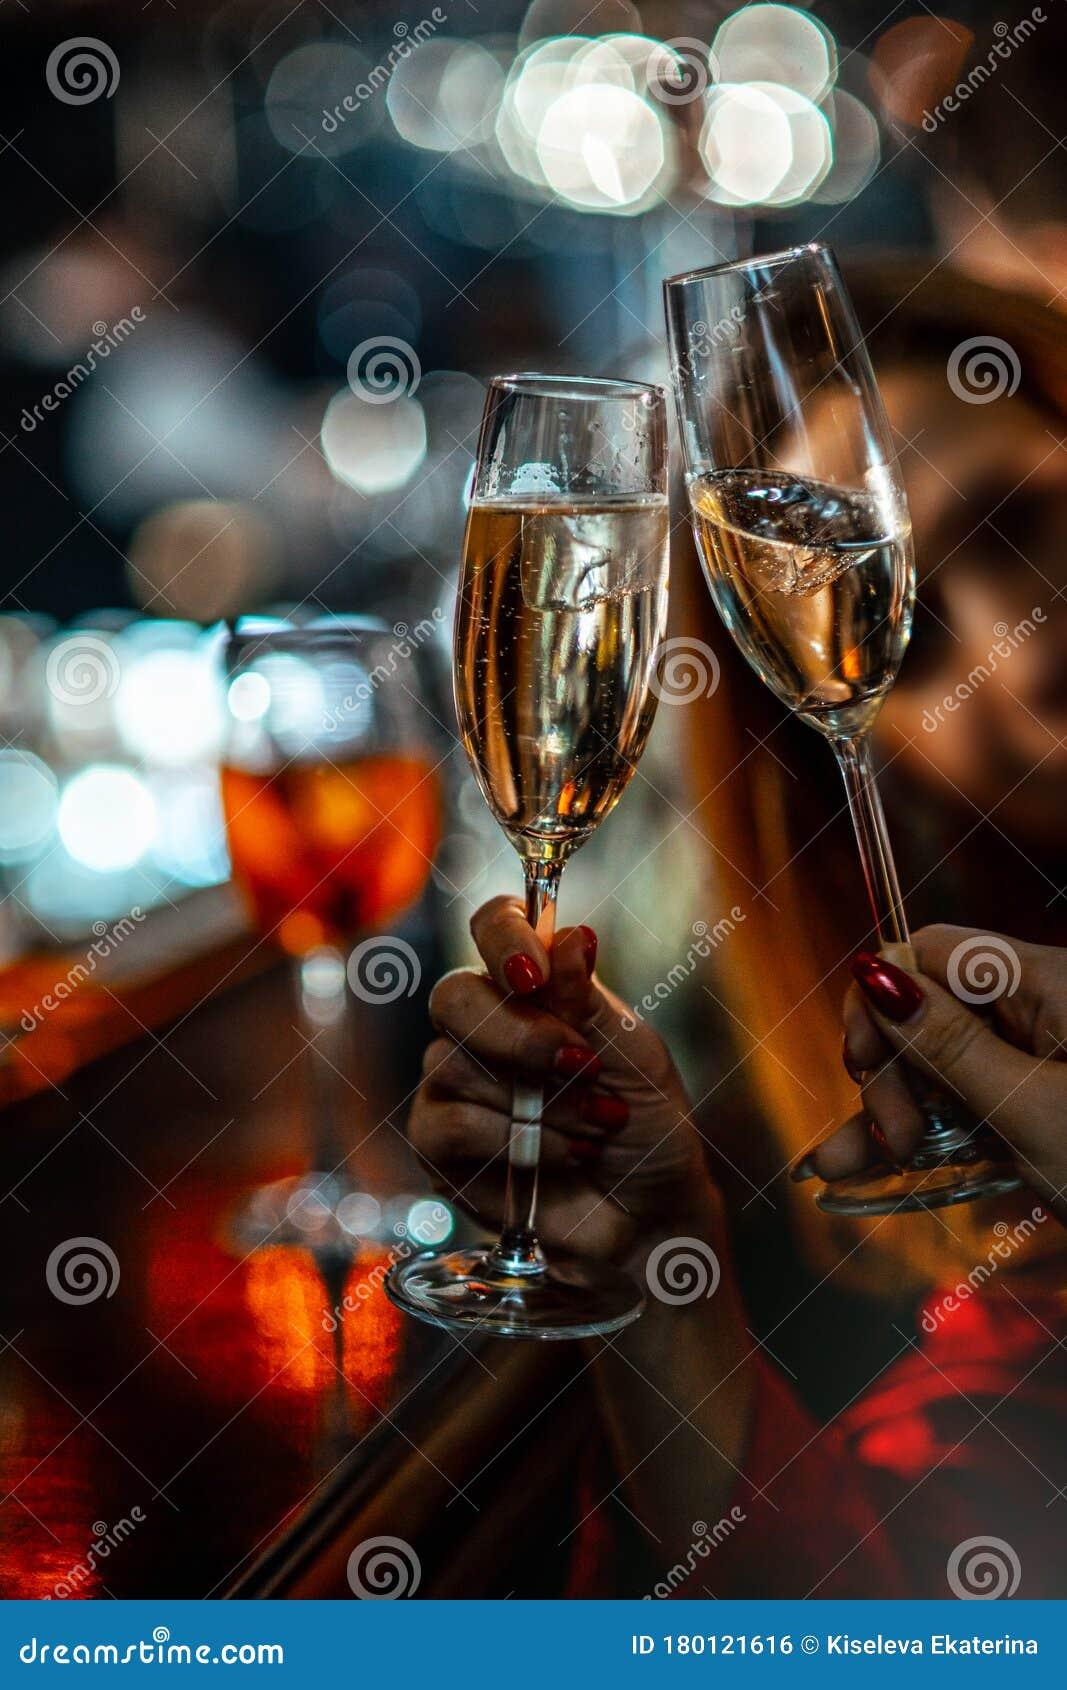 Девушек бьют в ночном клубе ночной клуб закрыты стрептиз